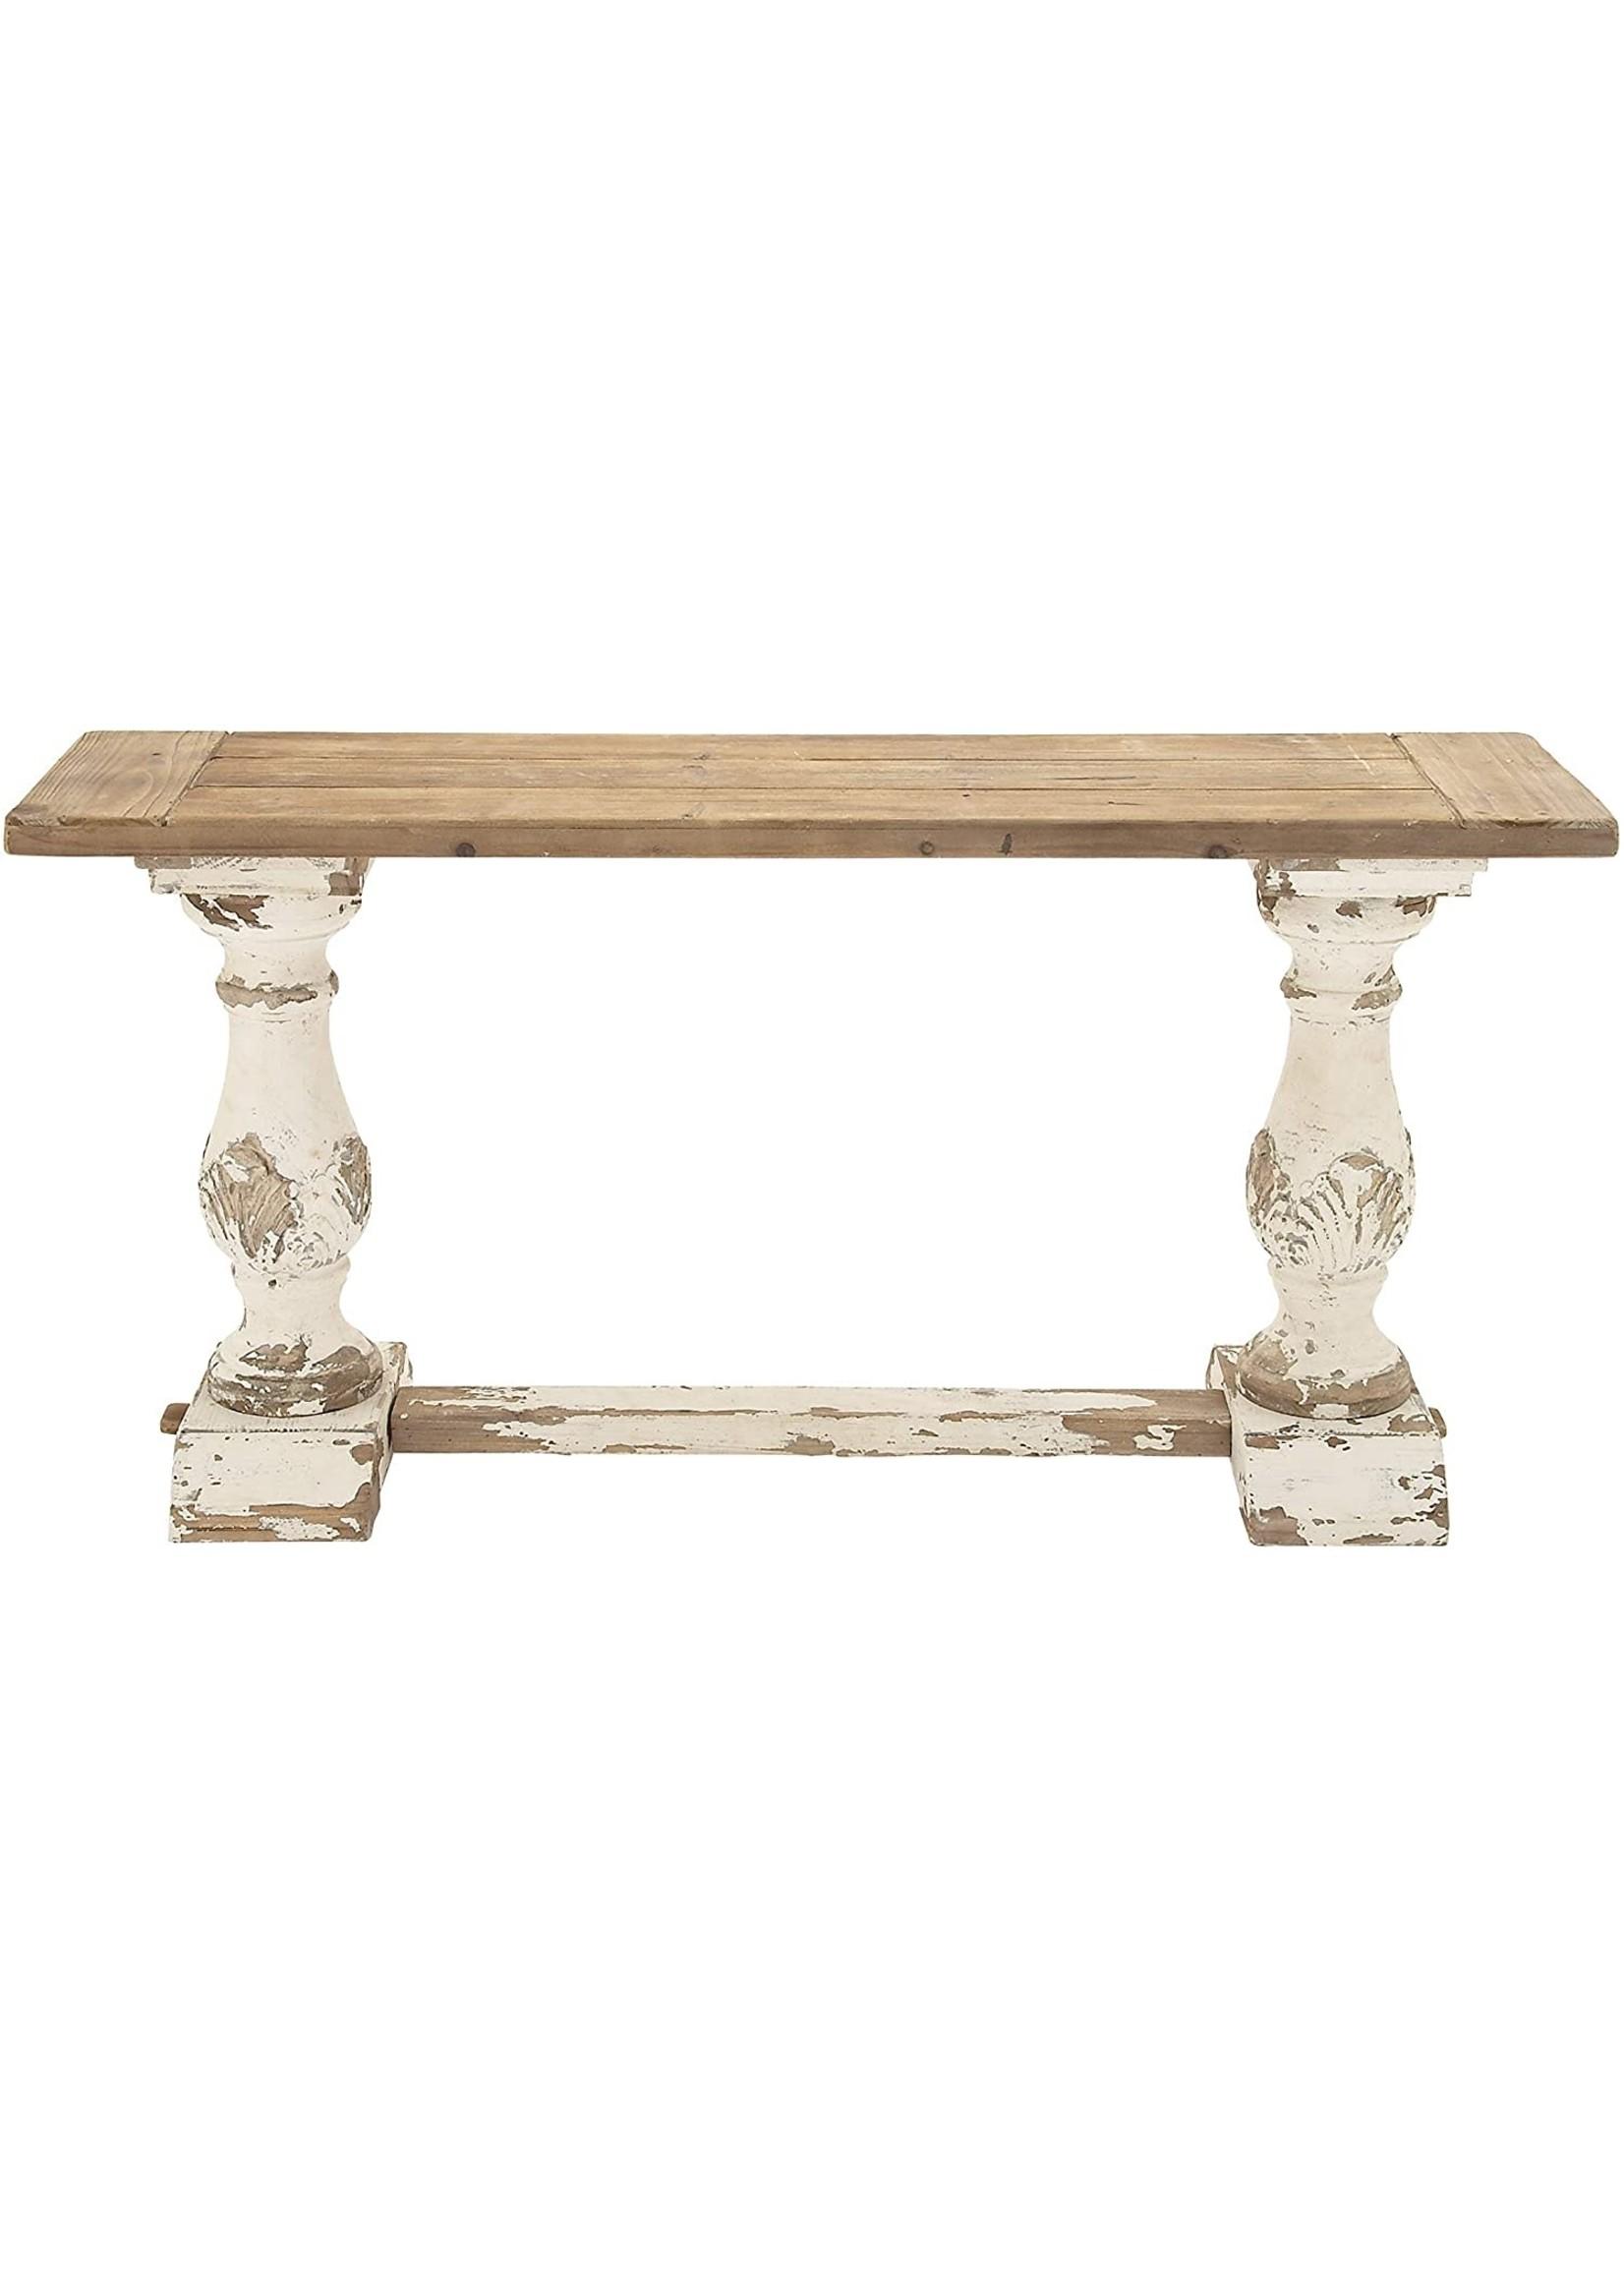 UMA ENT. INC. TWO TONE PEDESTAL CONSOLE TABLE